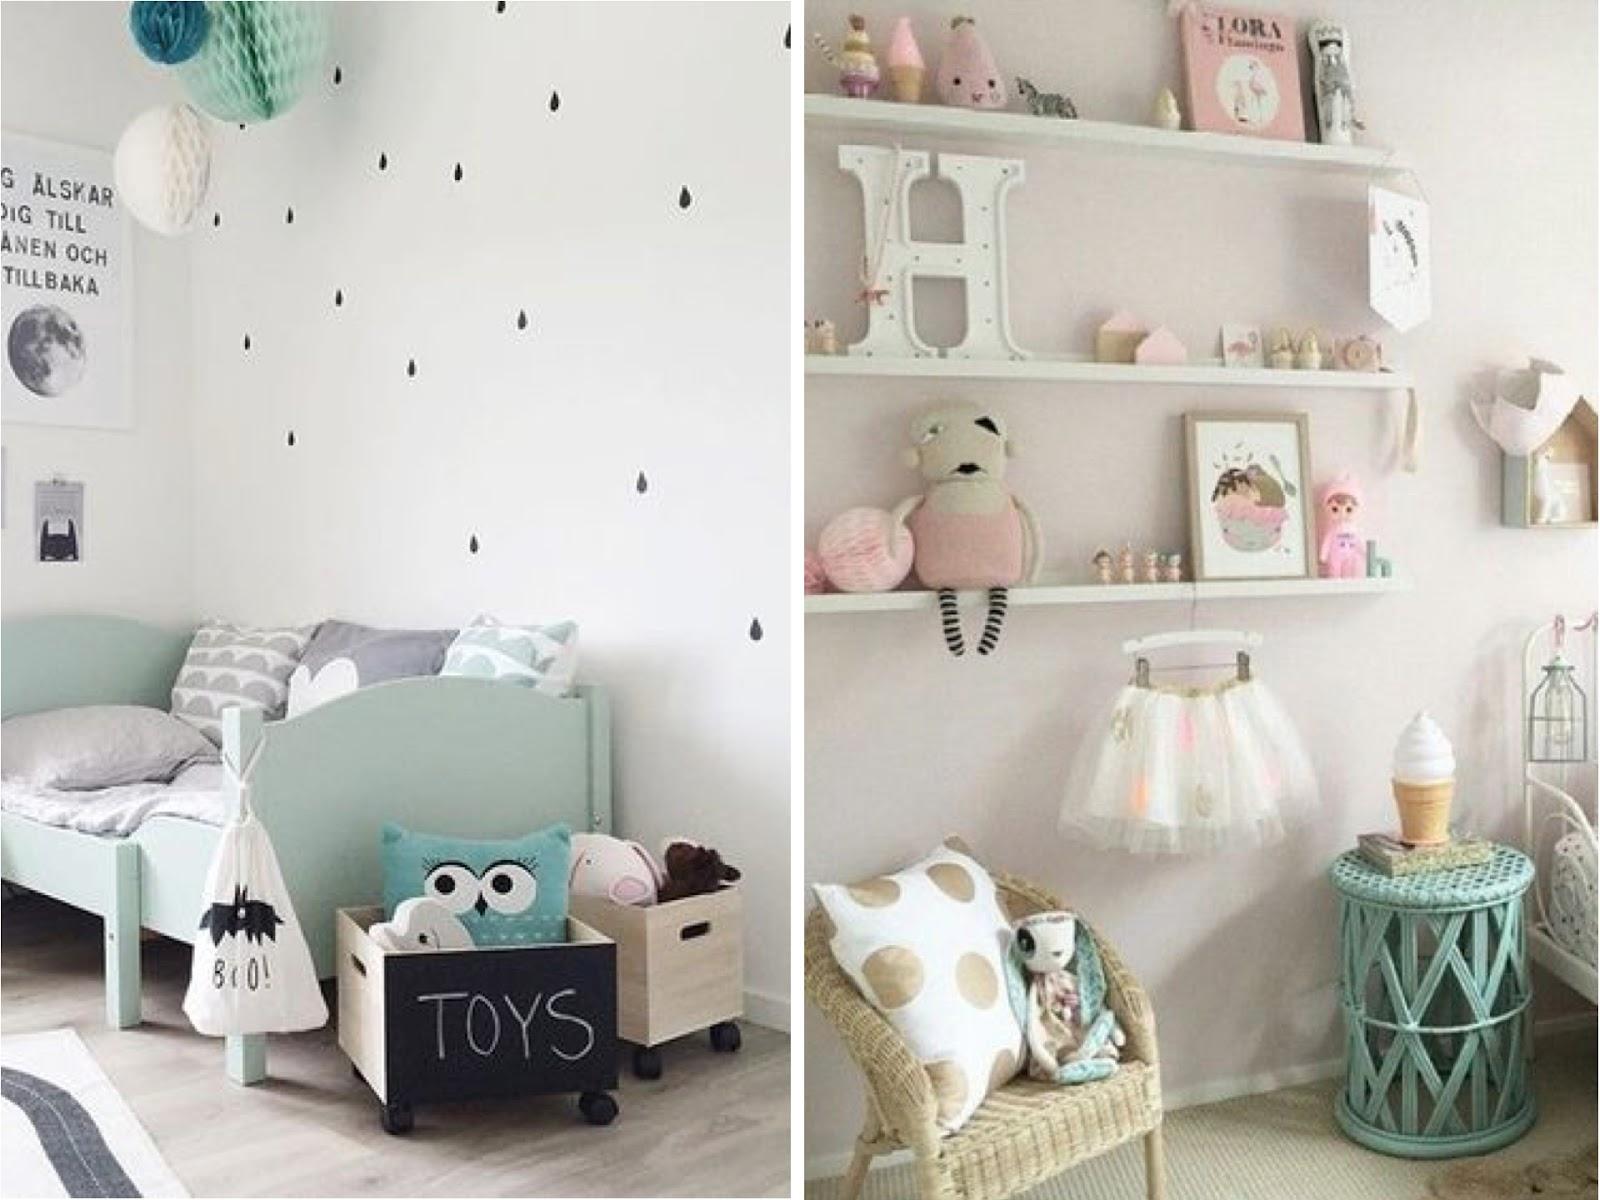 Deco las habitaciones infantiles monicositas blog de - Habitaciones infantiles barcelona ...